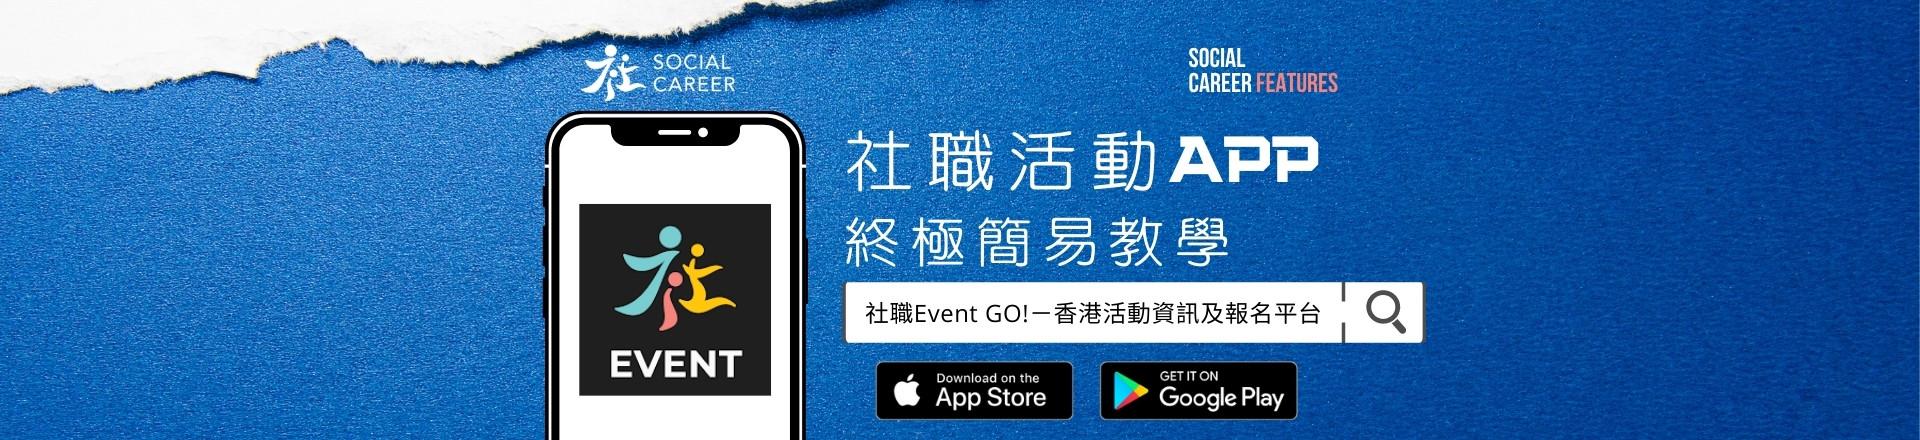 社職活動APP簡易教學|香港活動資訊app